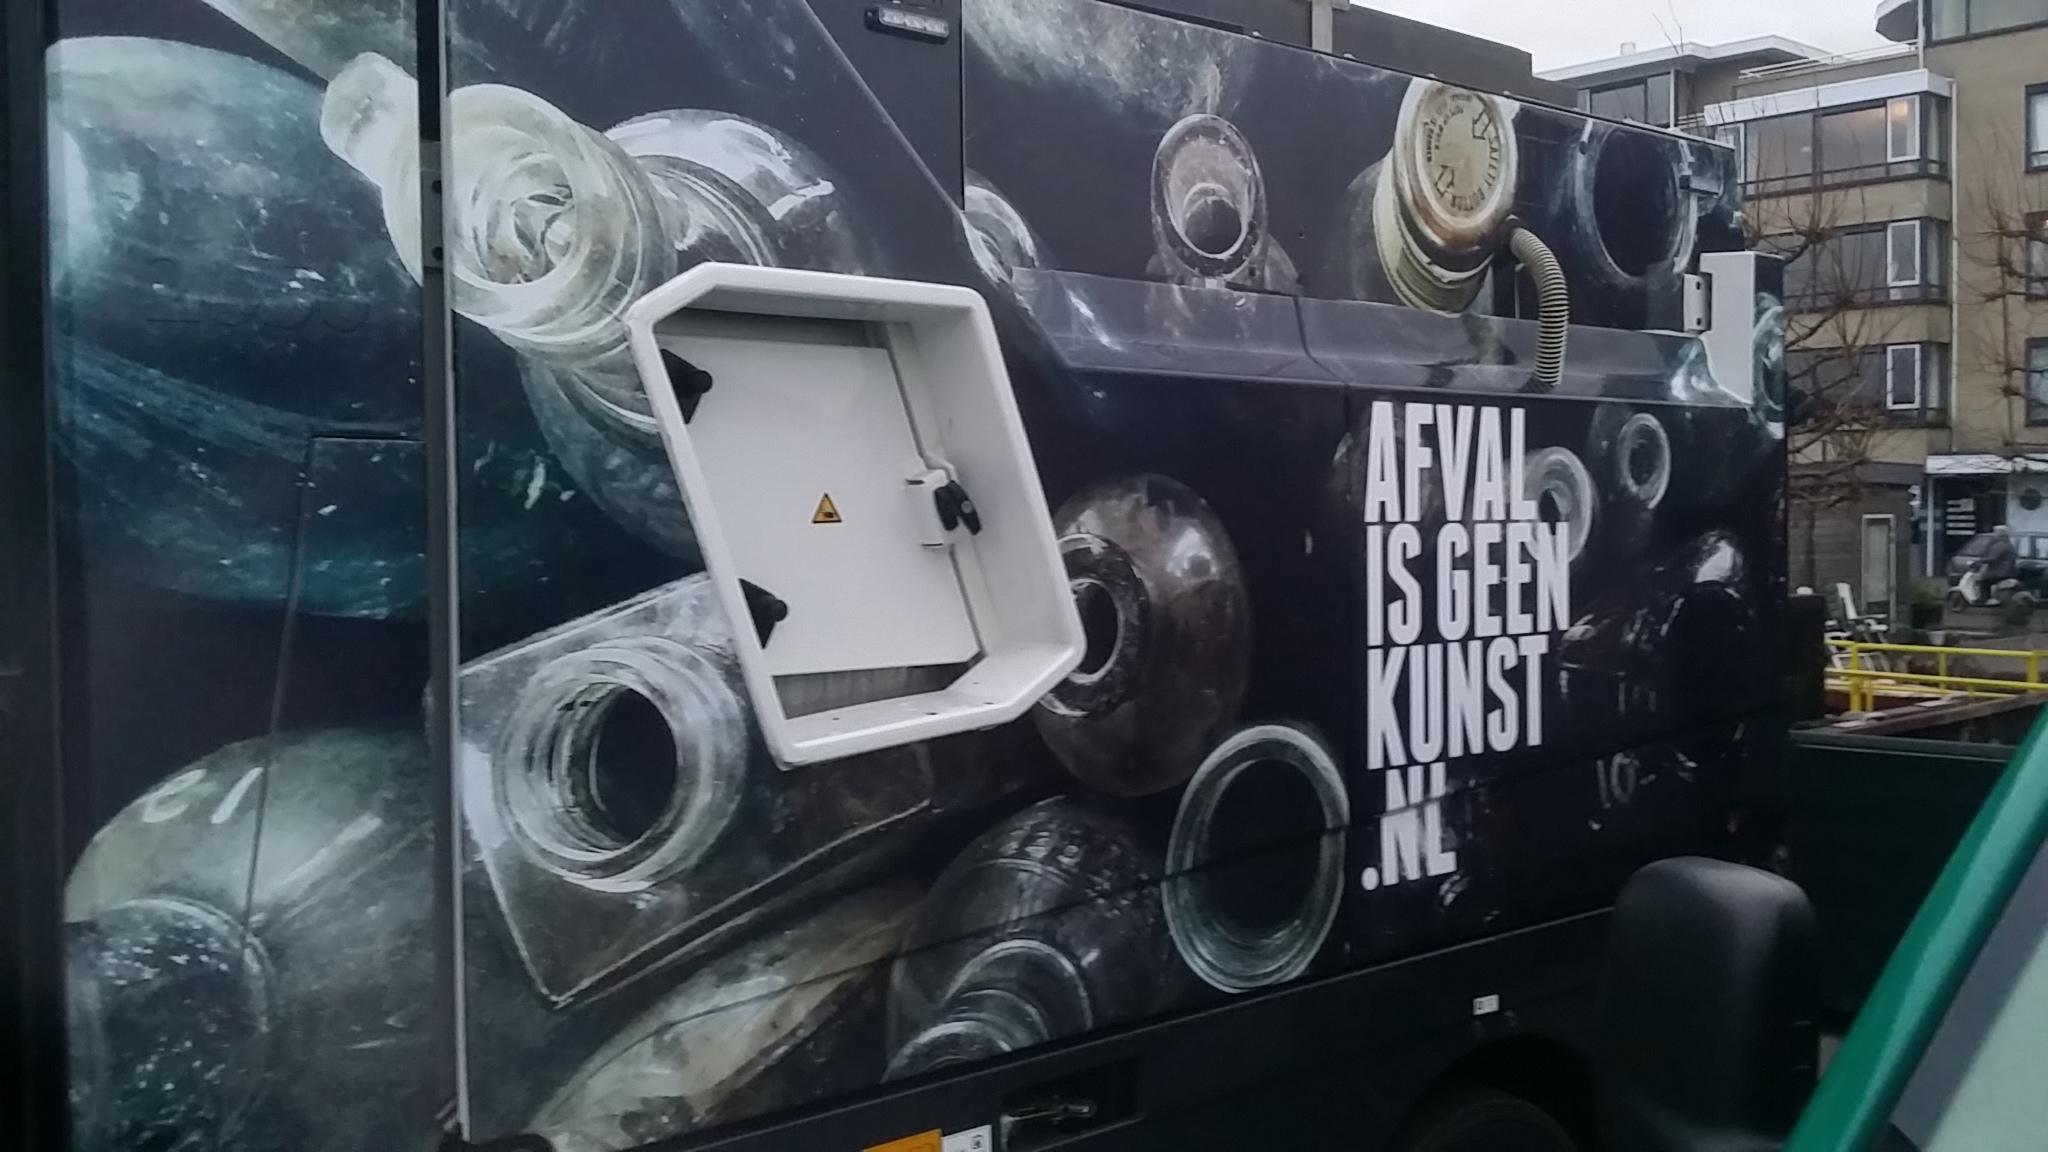 Afval is geen kunst.nl veegwagen voorzien van print